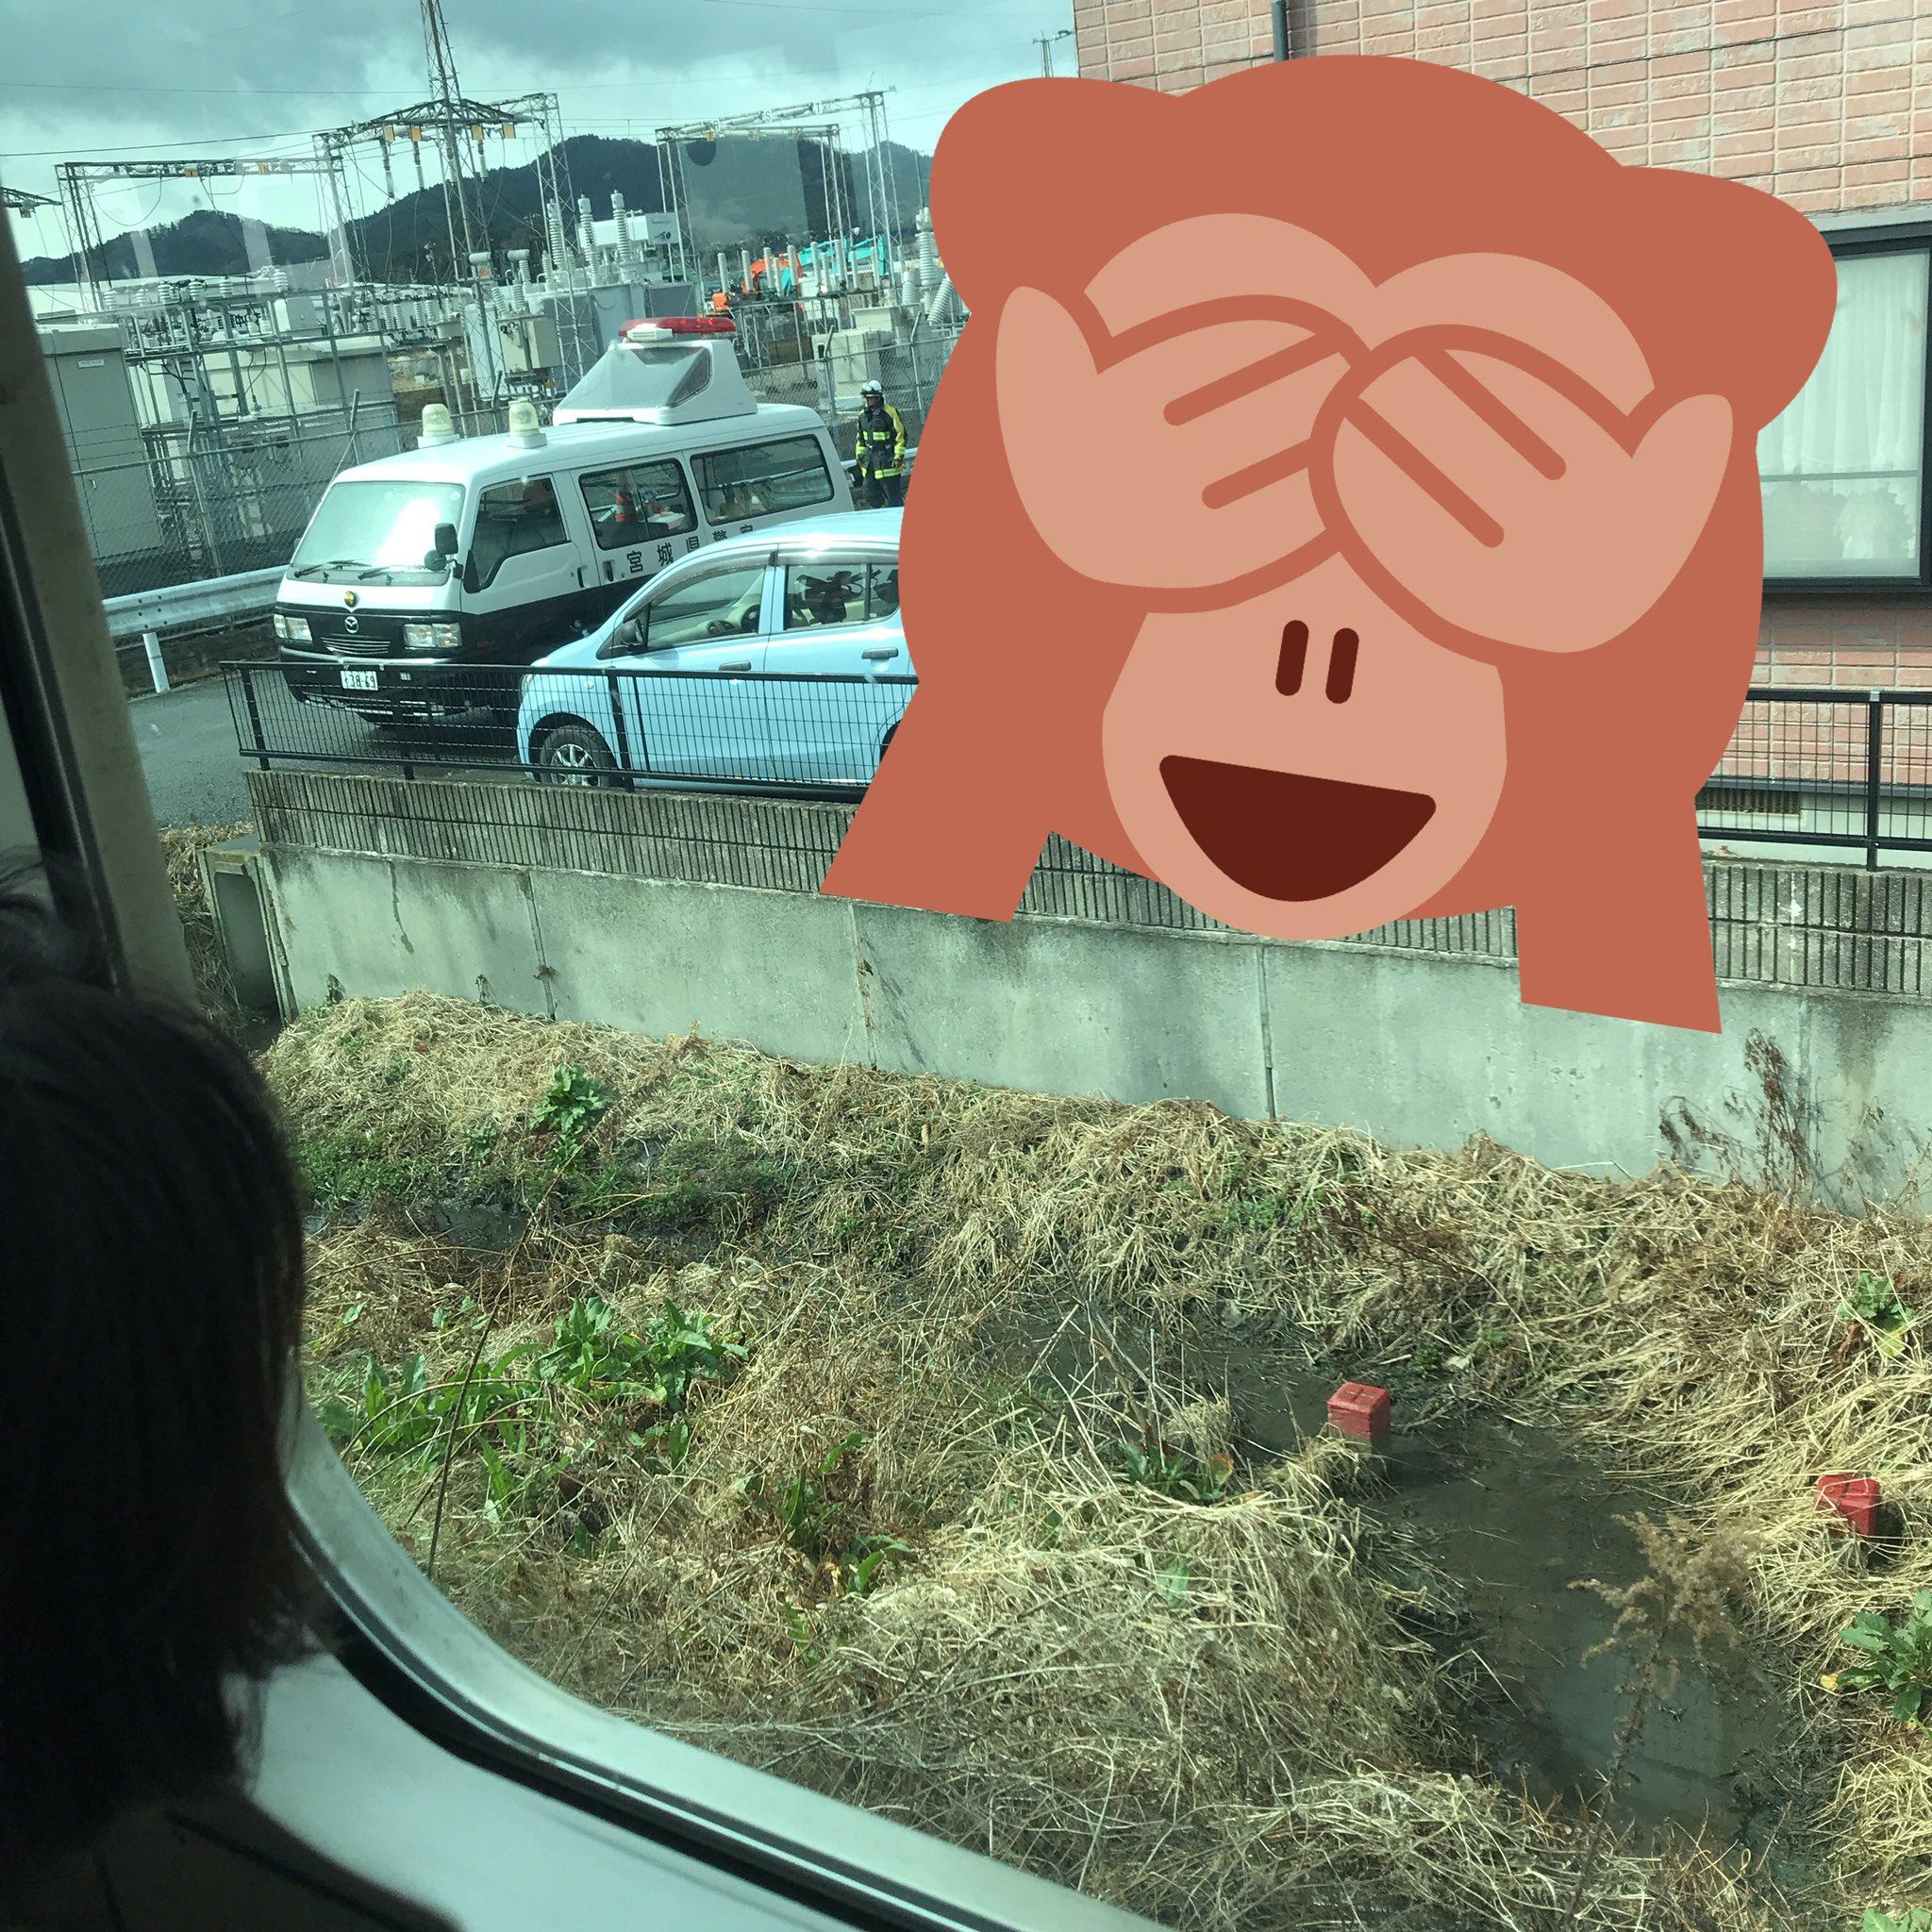 画像,亘理〜逢隈駅区間で、人が飛び込んできて緊急停止(´ . .̫ . `)原ノ町〜仙台駅間 上下線運転見合わせ😭😭!人身事故かぁ、もうそろそろ急停車してから1時間立…